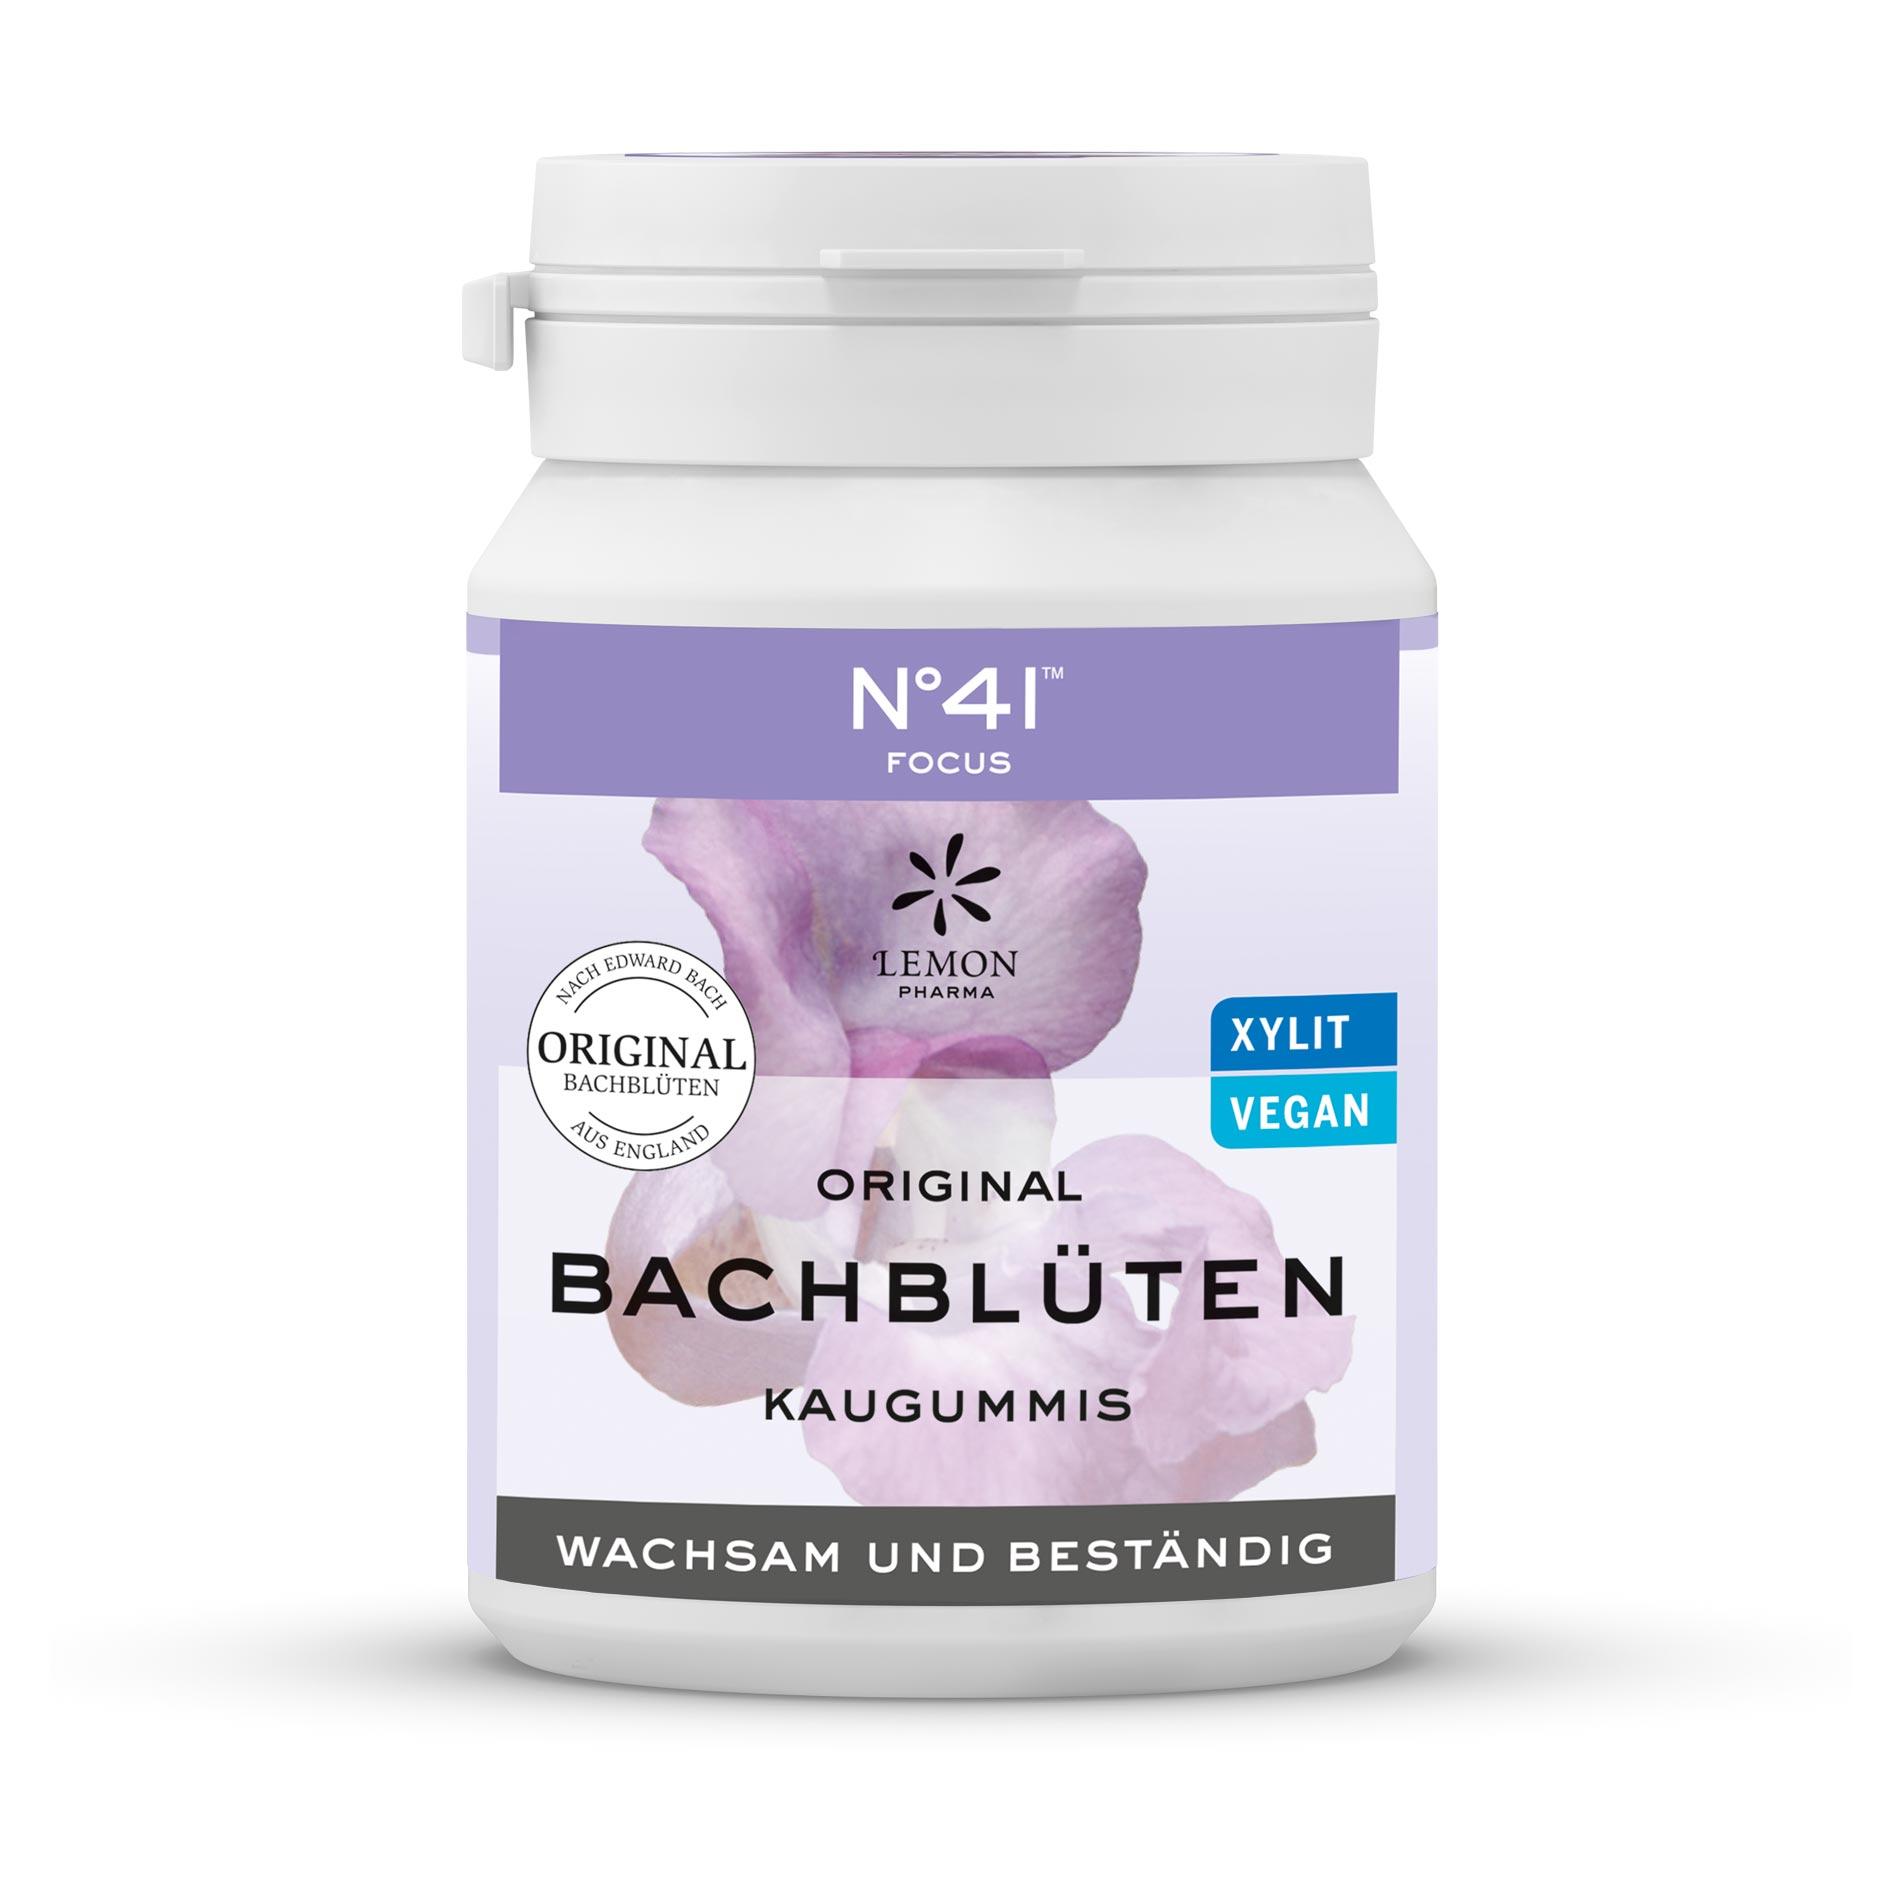 Chewing-gums N°41 Focus Lemon Pharma Original Fleurs de Bach éveillé et stable Xylit Végan